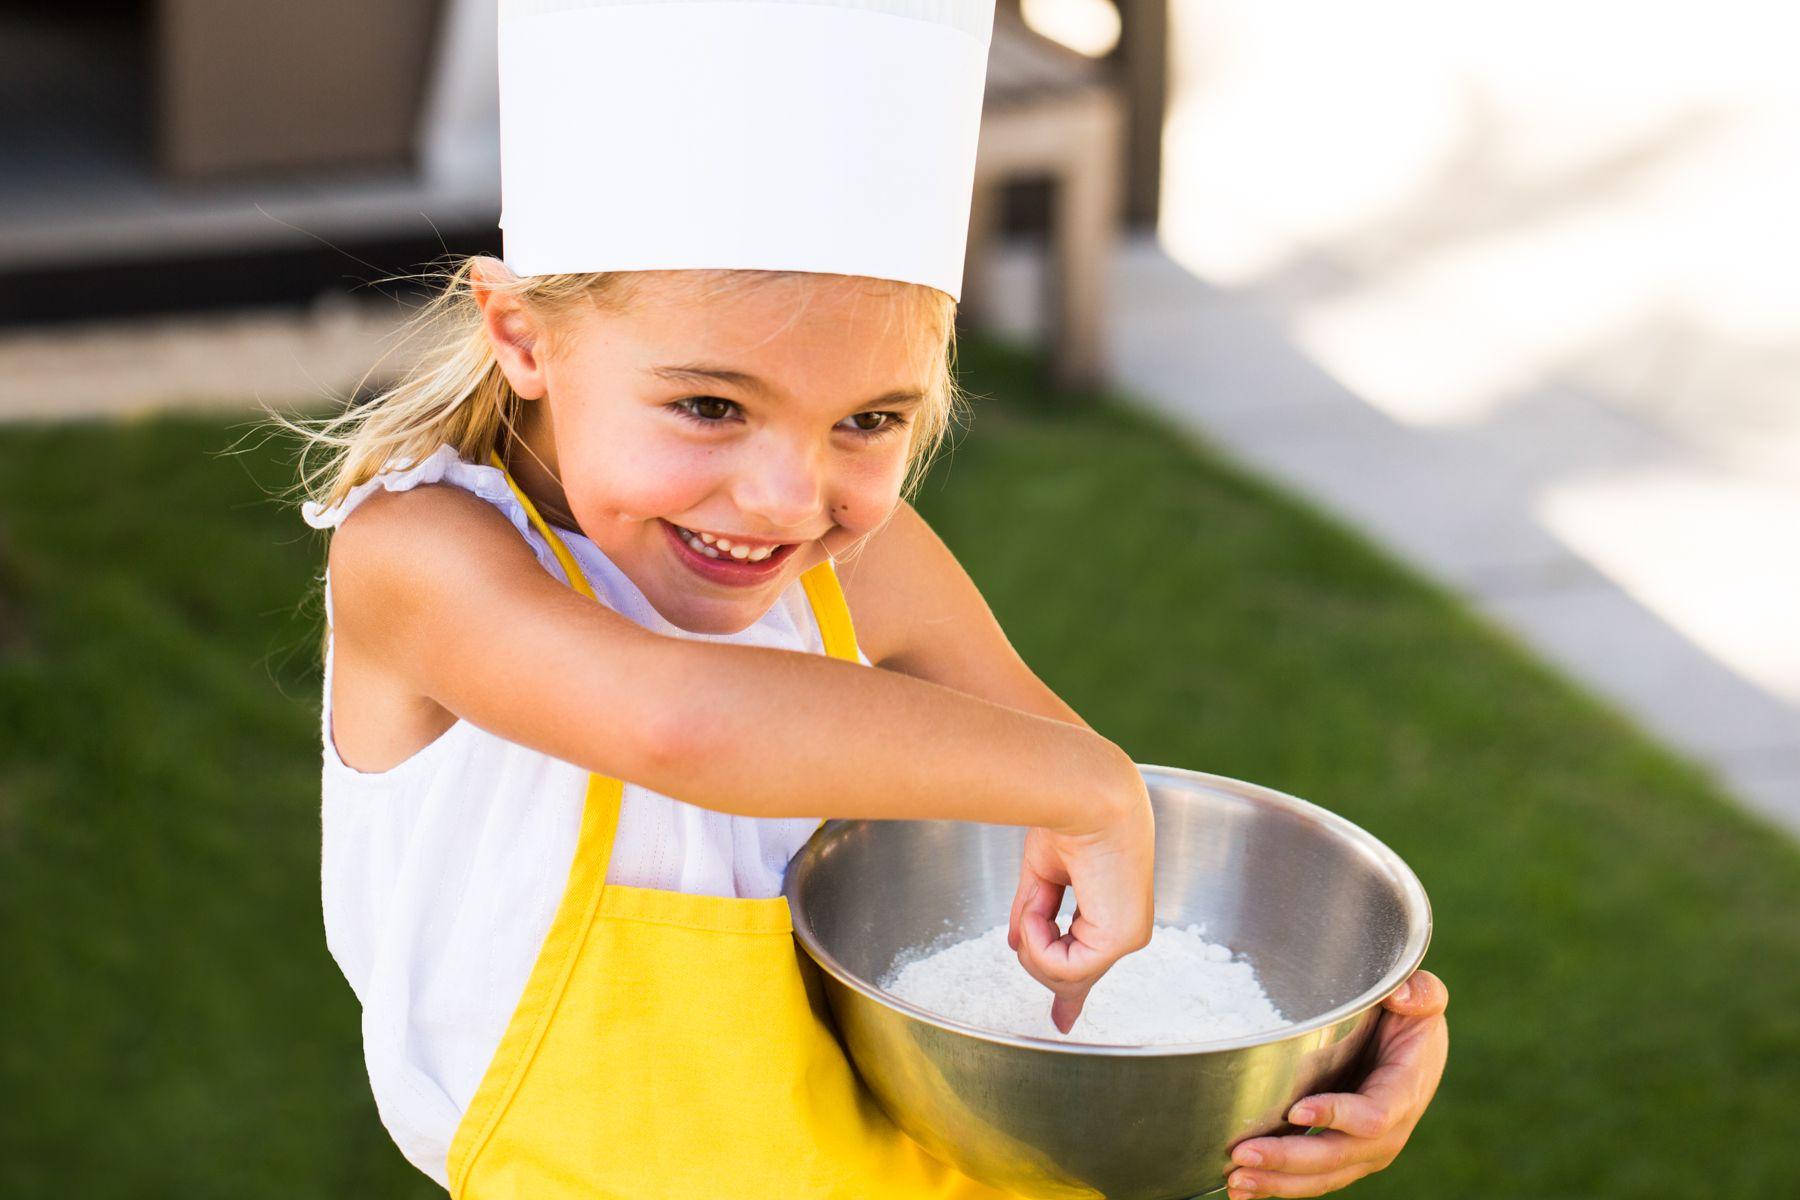 rcgc_kfas_cooking002.jpg